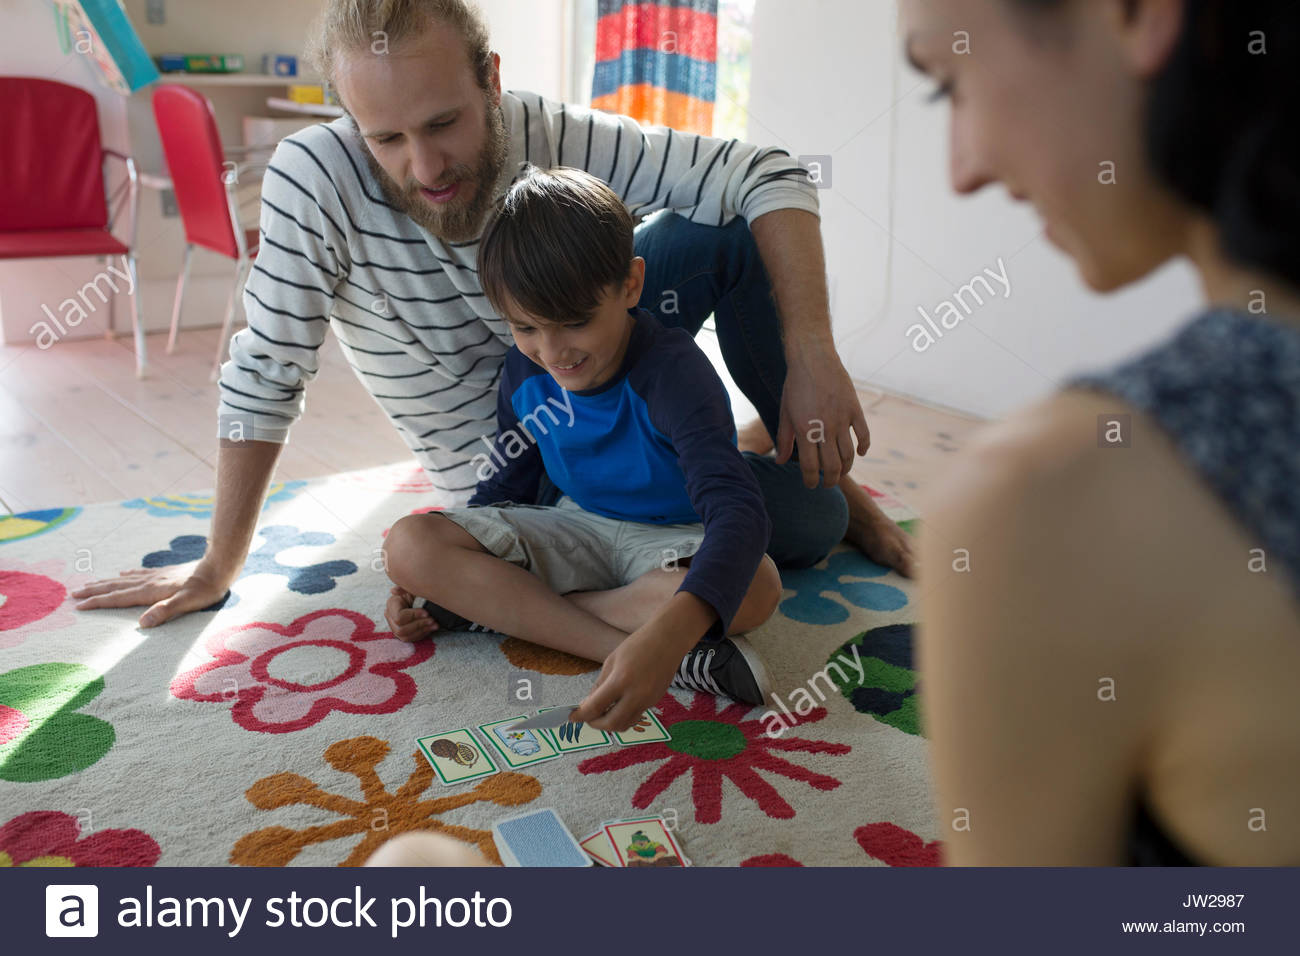 Familie spielen Kartenspiel auf Muster Wolldecke Stockbild